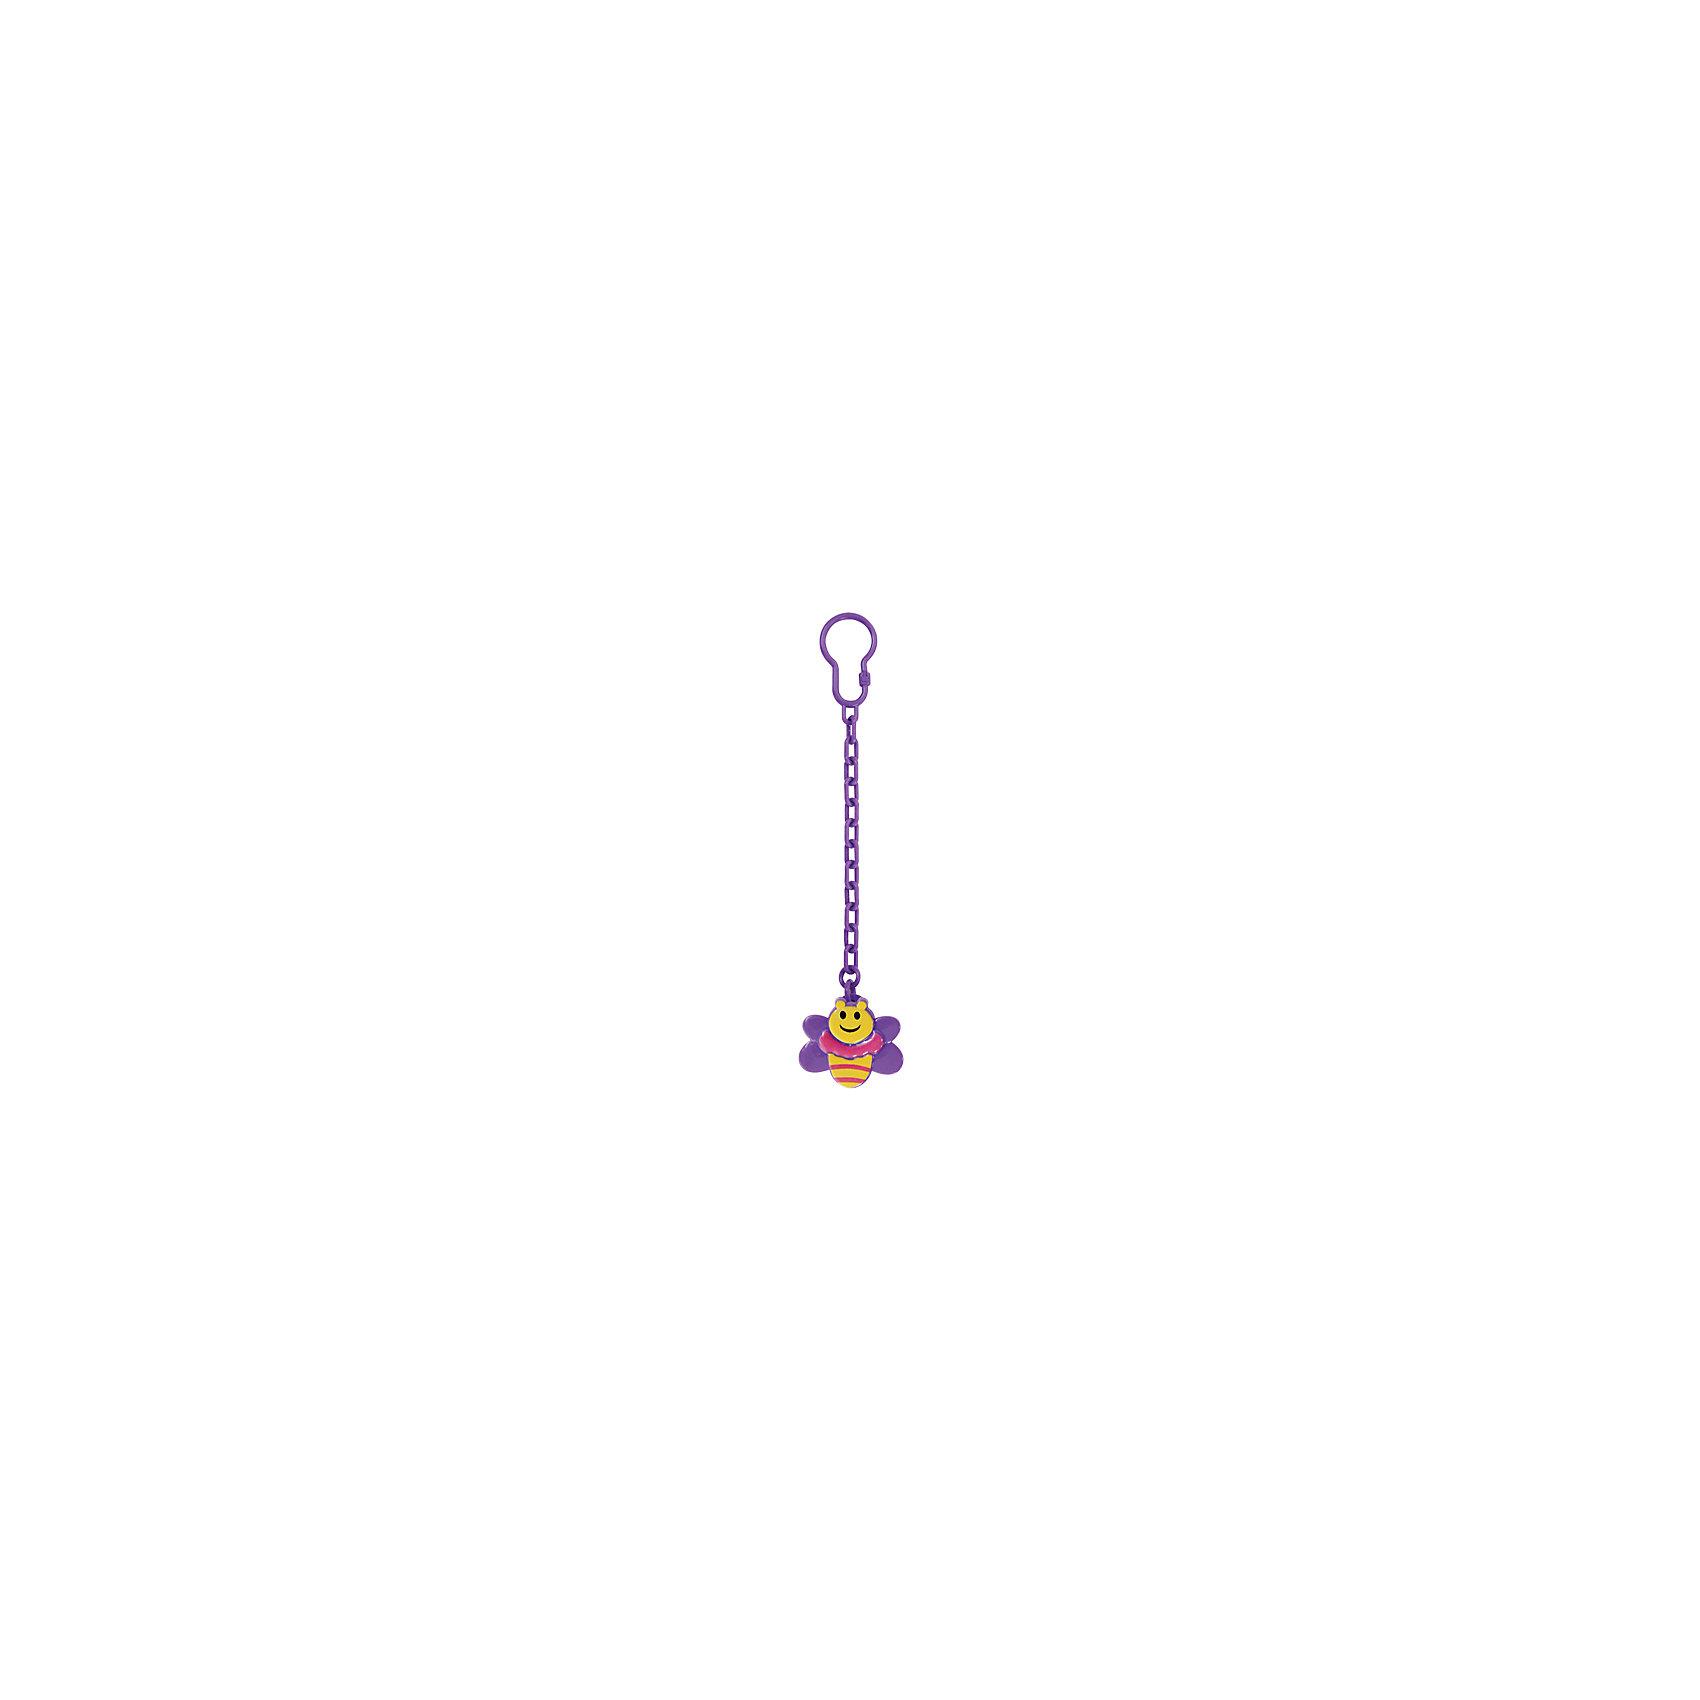 Клипса для соски-пустышки Пчелка от 0 мес., LUBBY, фиолетовыйКлипса для соски-пустышки Пчелка от 0 мес., LUBBY, фиолетовый.<br><br>Характеристики:<br><br>- Цвет: фиолетовый<br>- Материал: полипропилен, нержавеющая сталь<br>- Не содержит Бисфенол-А<br>- Размер упаковки: 20x120x200 мм.<br>- Срок службы: 3 года<br><br>Клипса для соски-пустышки Пчелка с цепочкой незаменима для прогулок с малышом. Клипса прочно крепится к одежде ребенка и предохраняет пустышку от случайного падения и загрязнения. Достаточно расстегнуть кольцо клипсы и прикрепить его к соске-пустышке. С другой стороны клипсу необходимо пристегнуть к одежде малыша при помощи специальной застежки. Яркая клипса в виде пчелки порадует ребенка и его маму и добавит красок в повседневную жизнь.<br><br>Клипсу для соски-пустышки Пчелка от 0 мес., LUBBY, фиолетовую можно купить в нашем интернет-магазине.<br><br>Ширина мм: 20<br>Глубина мм: 120<br>Высота мм: 200<br>Вес г: 350<br>Возраст от месяцев: 0<br>Возраст до месяцев: 18<br>Пол: Женский<br>Возраст: Детский<br>SKU: 5039263